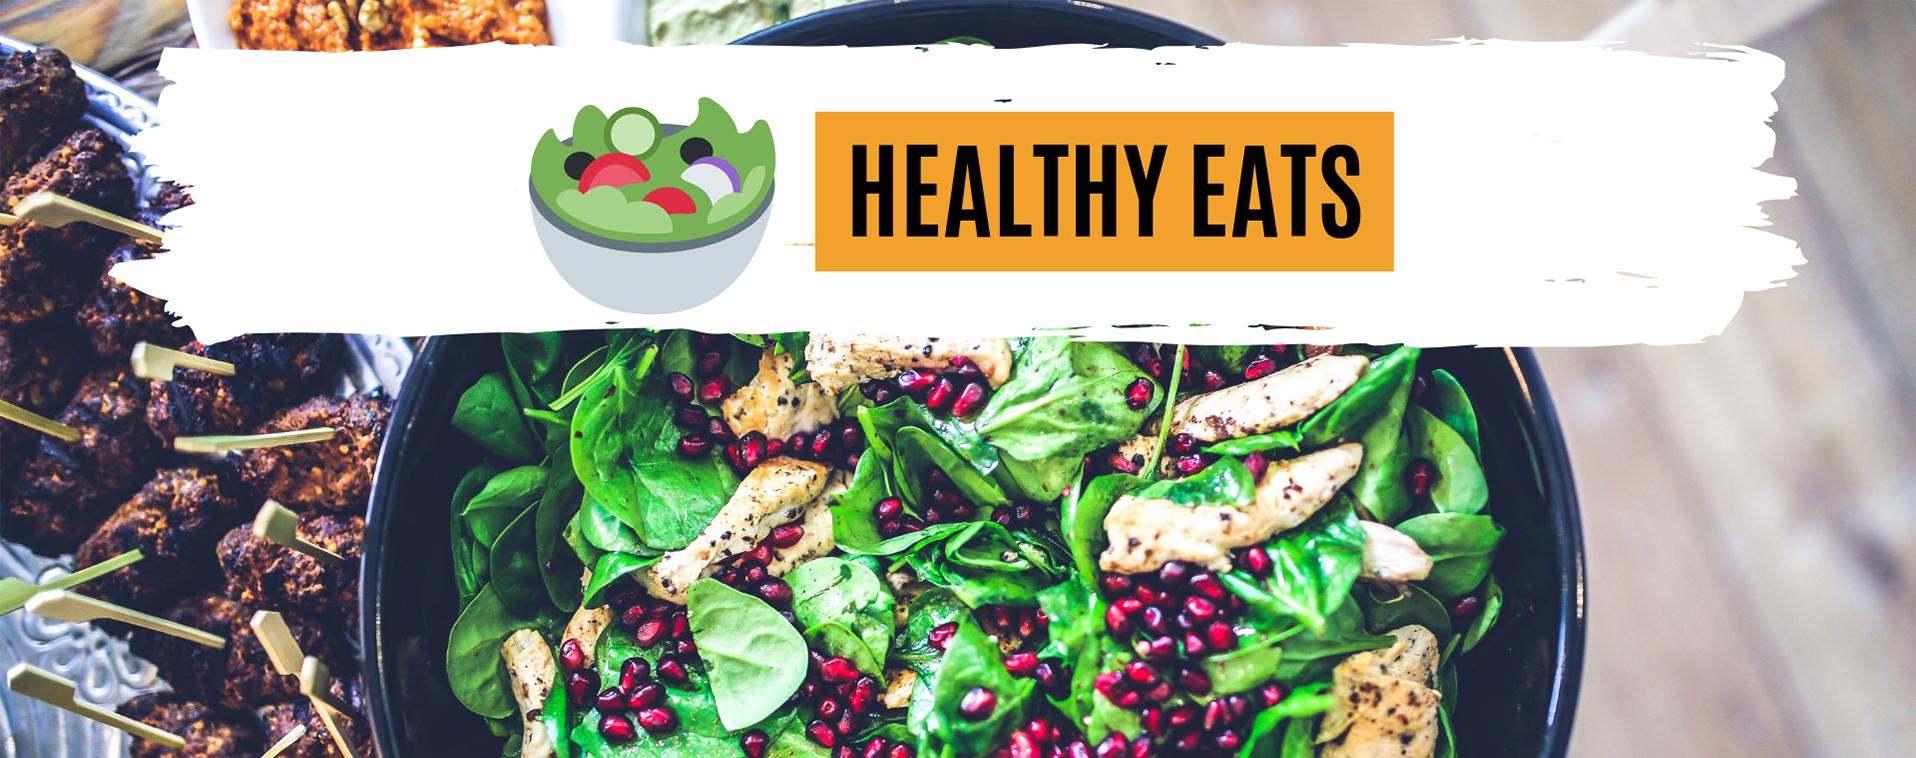 Healthy Eats 1916x758